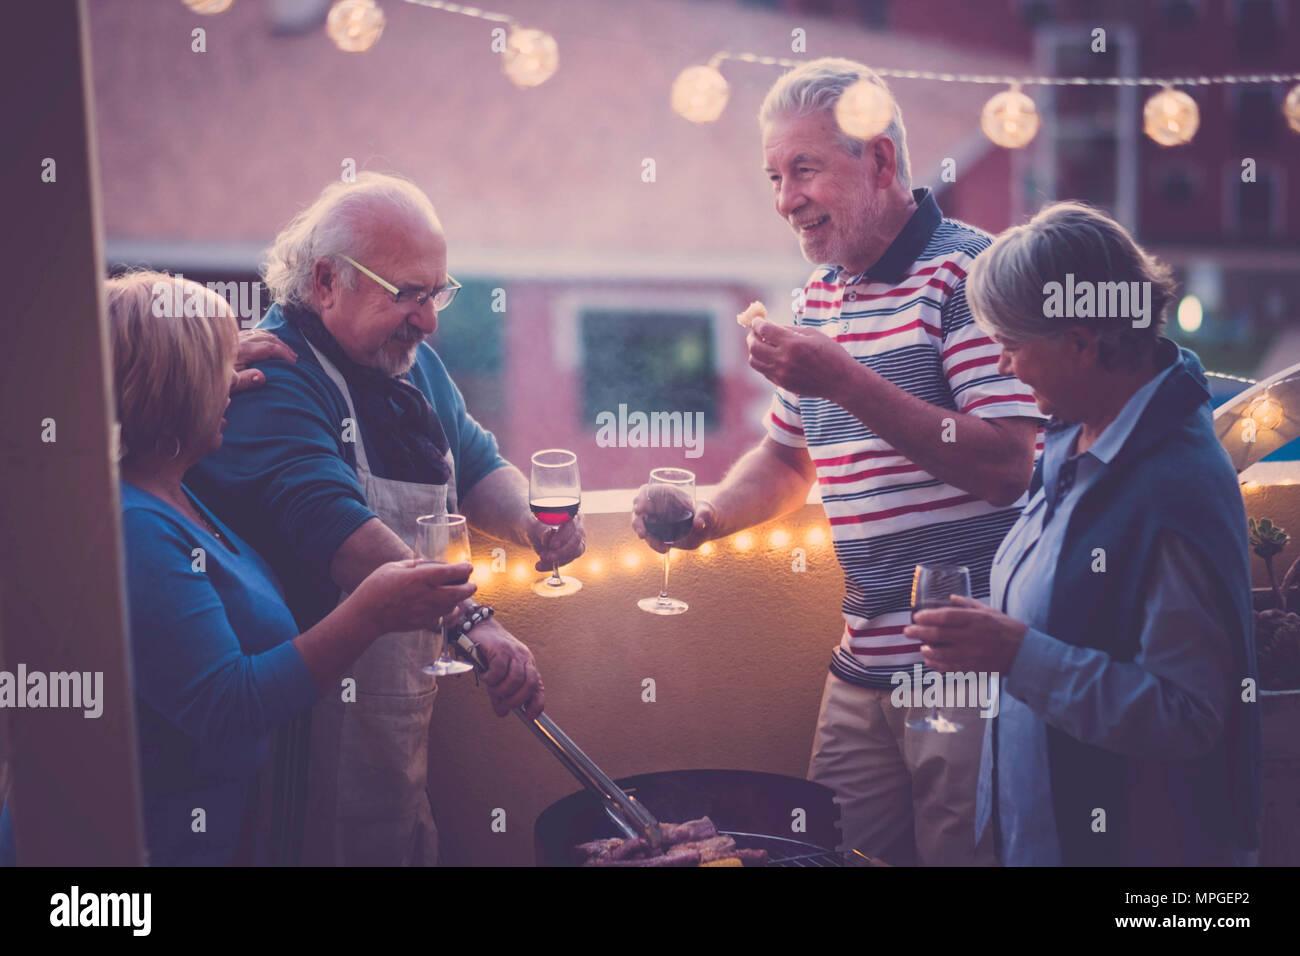 Grigliata bbq e qualche vino per festeggiare un evento. gruppo di persone adulte godetevi lo stile di vita all'aperto in terrazza con vista sulla città. mangiare mangiare e bere un bicchiere di vino Immagini Stock